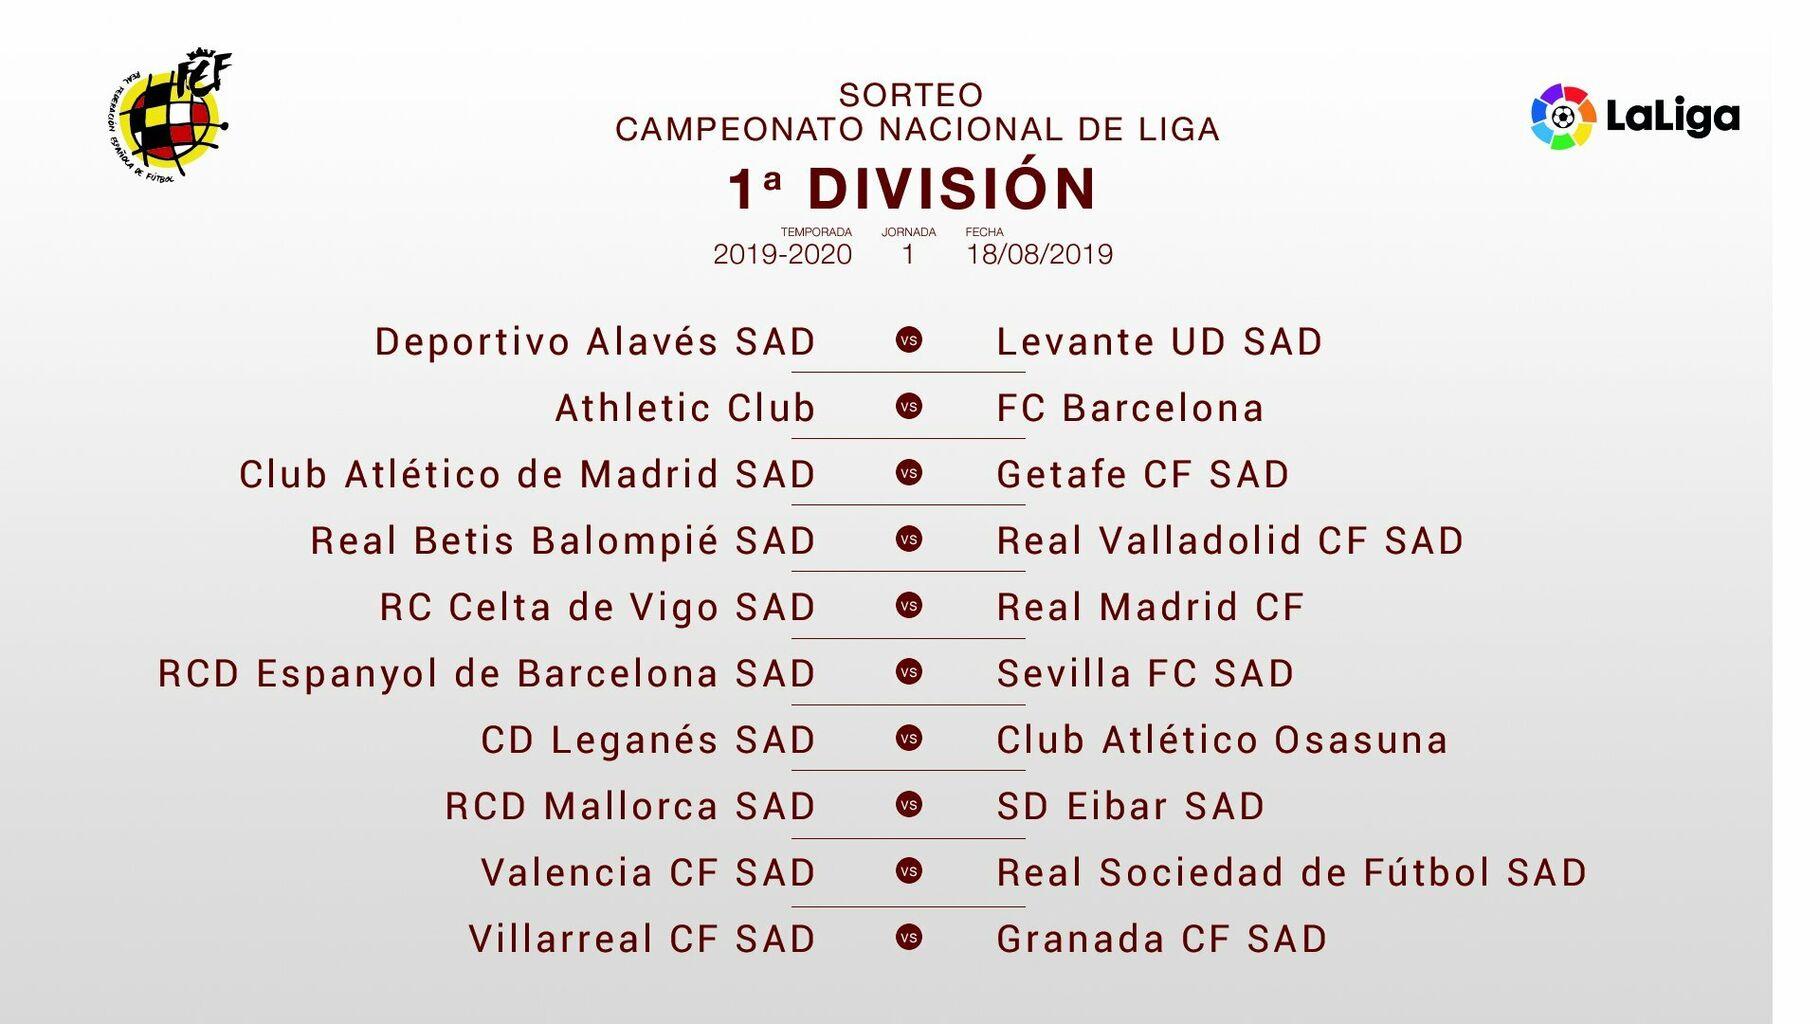 Calendario Lfp.Todos Los Partidos De Laliga Santander 2019 2020 Calendario Completo